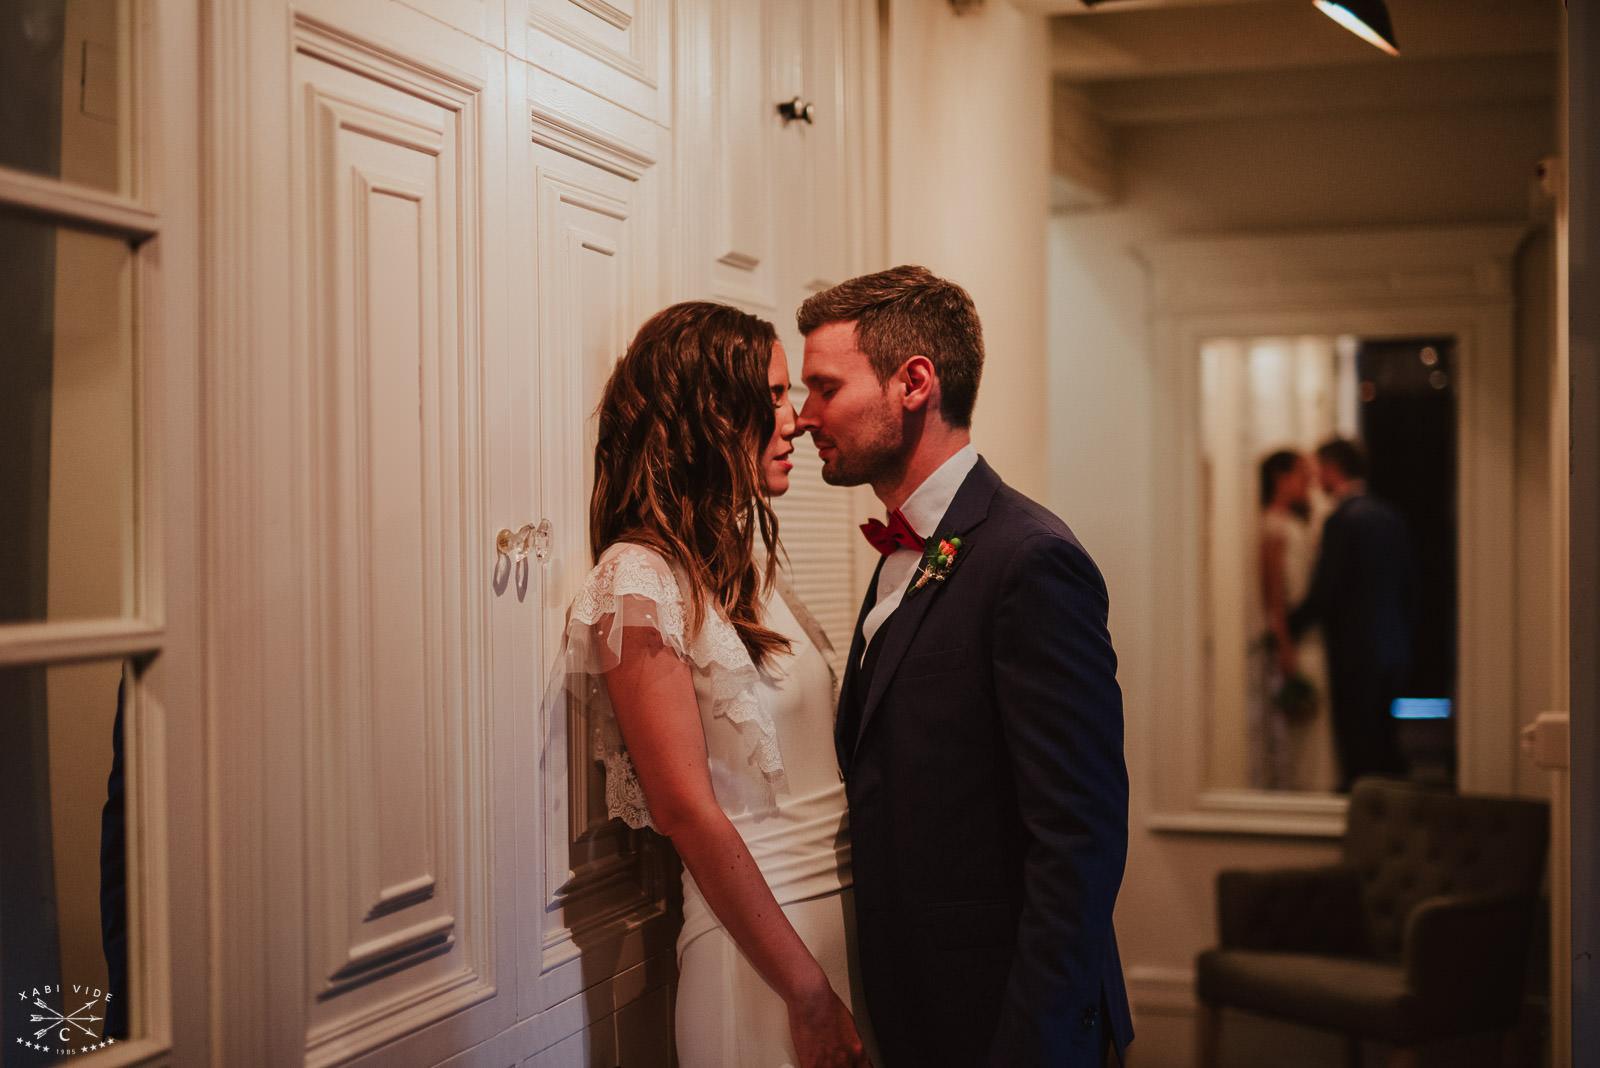 fotografo de bodas en bilbao-178